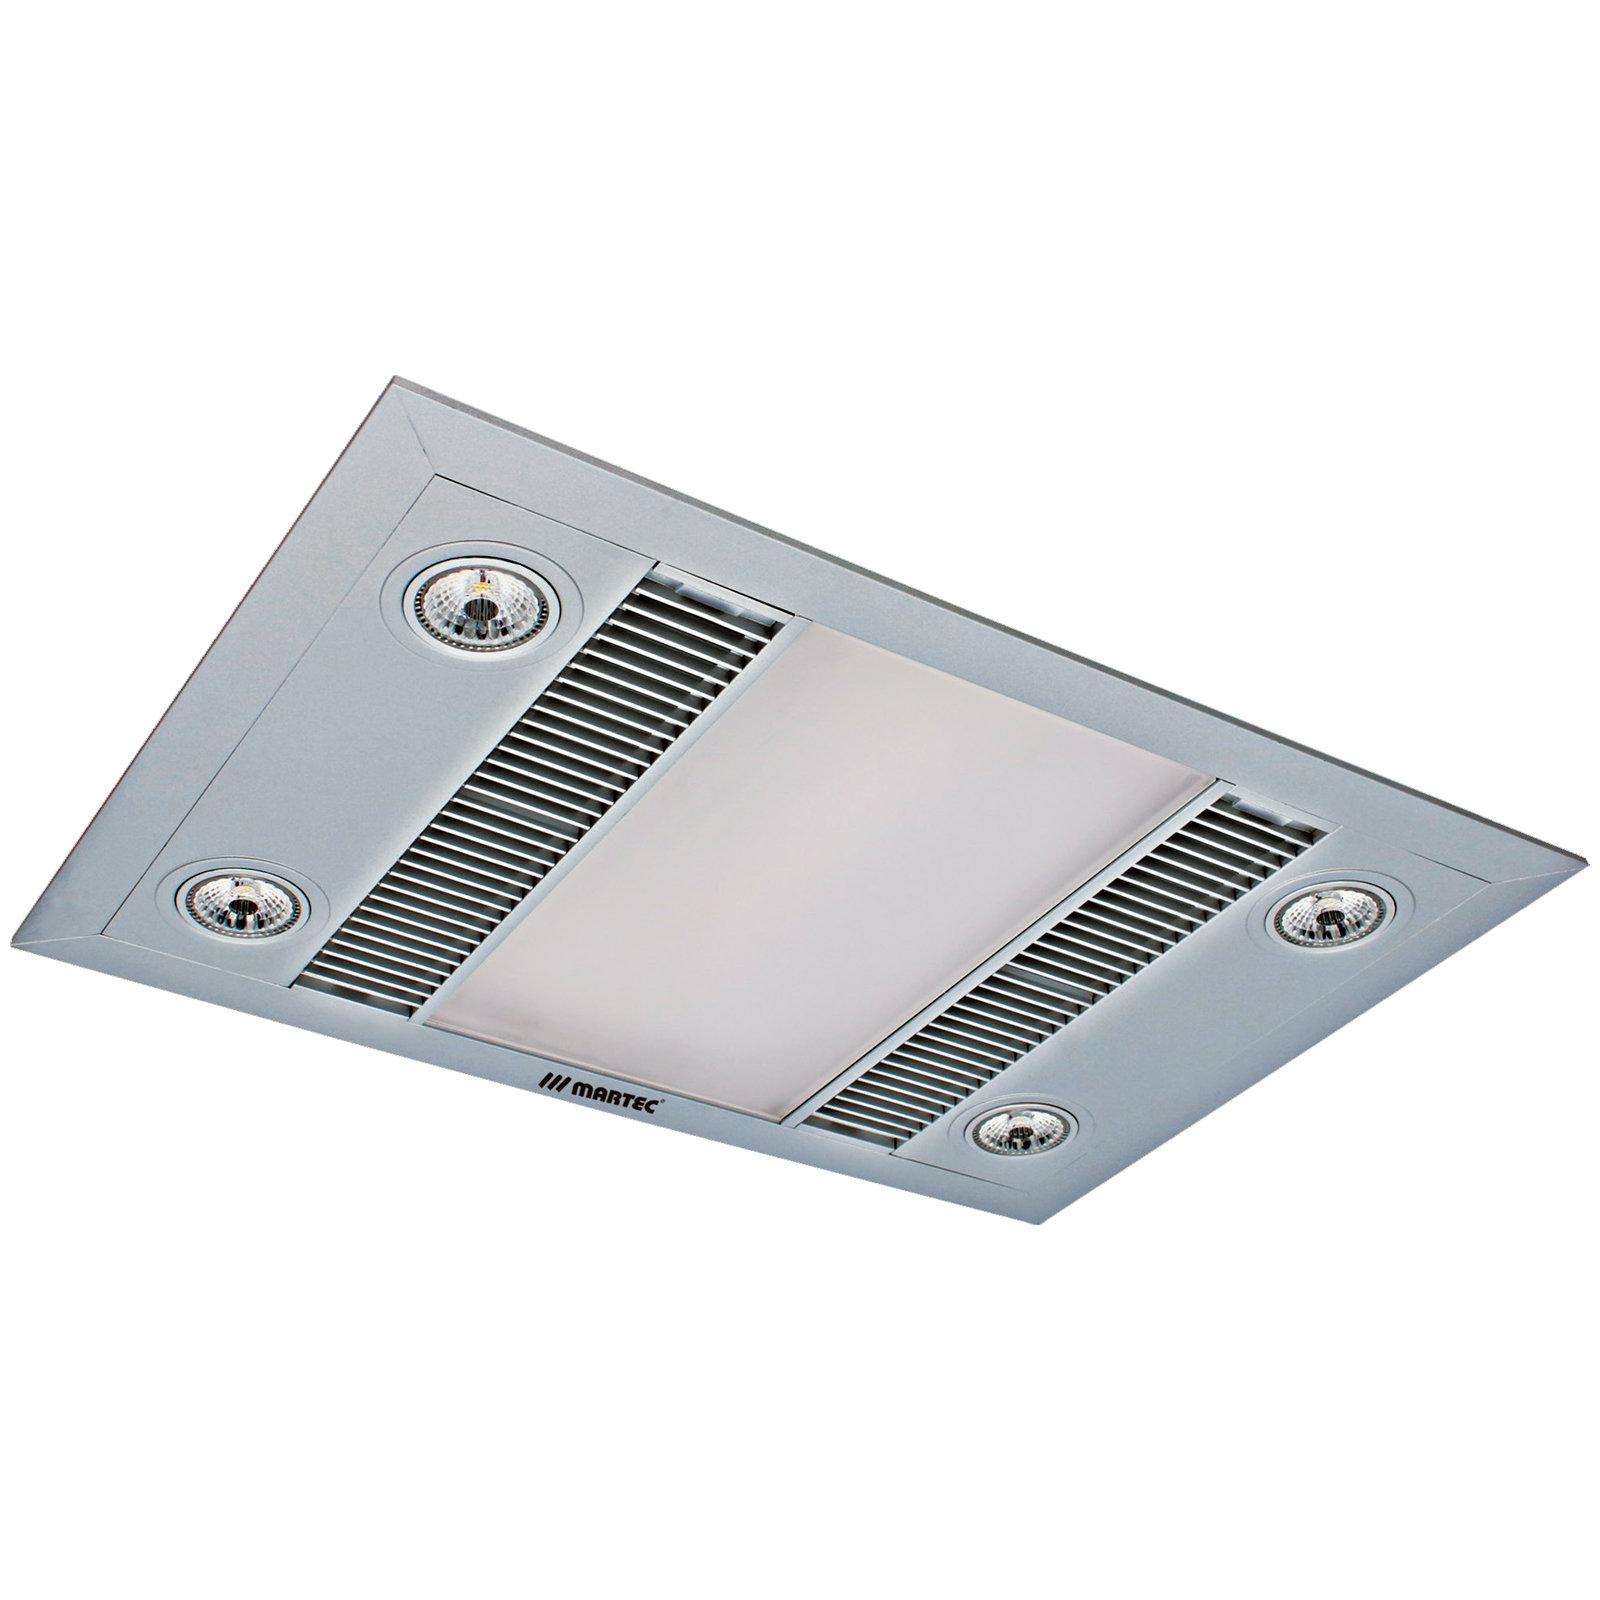 Mn 1326 Heat Lamp Wiring Diagram Along